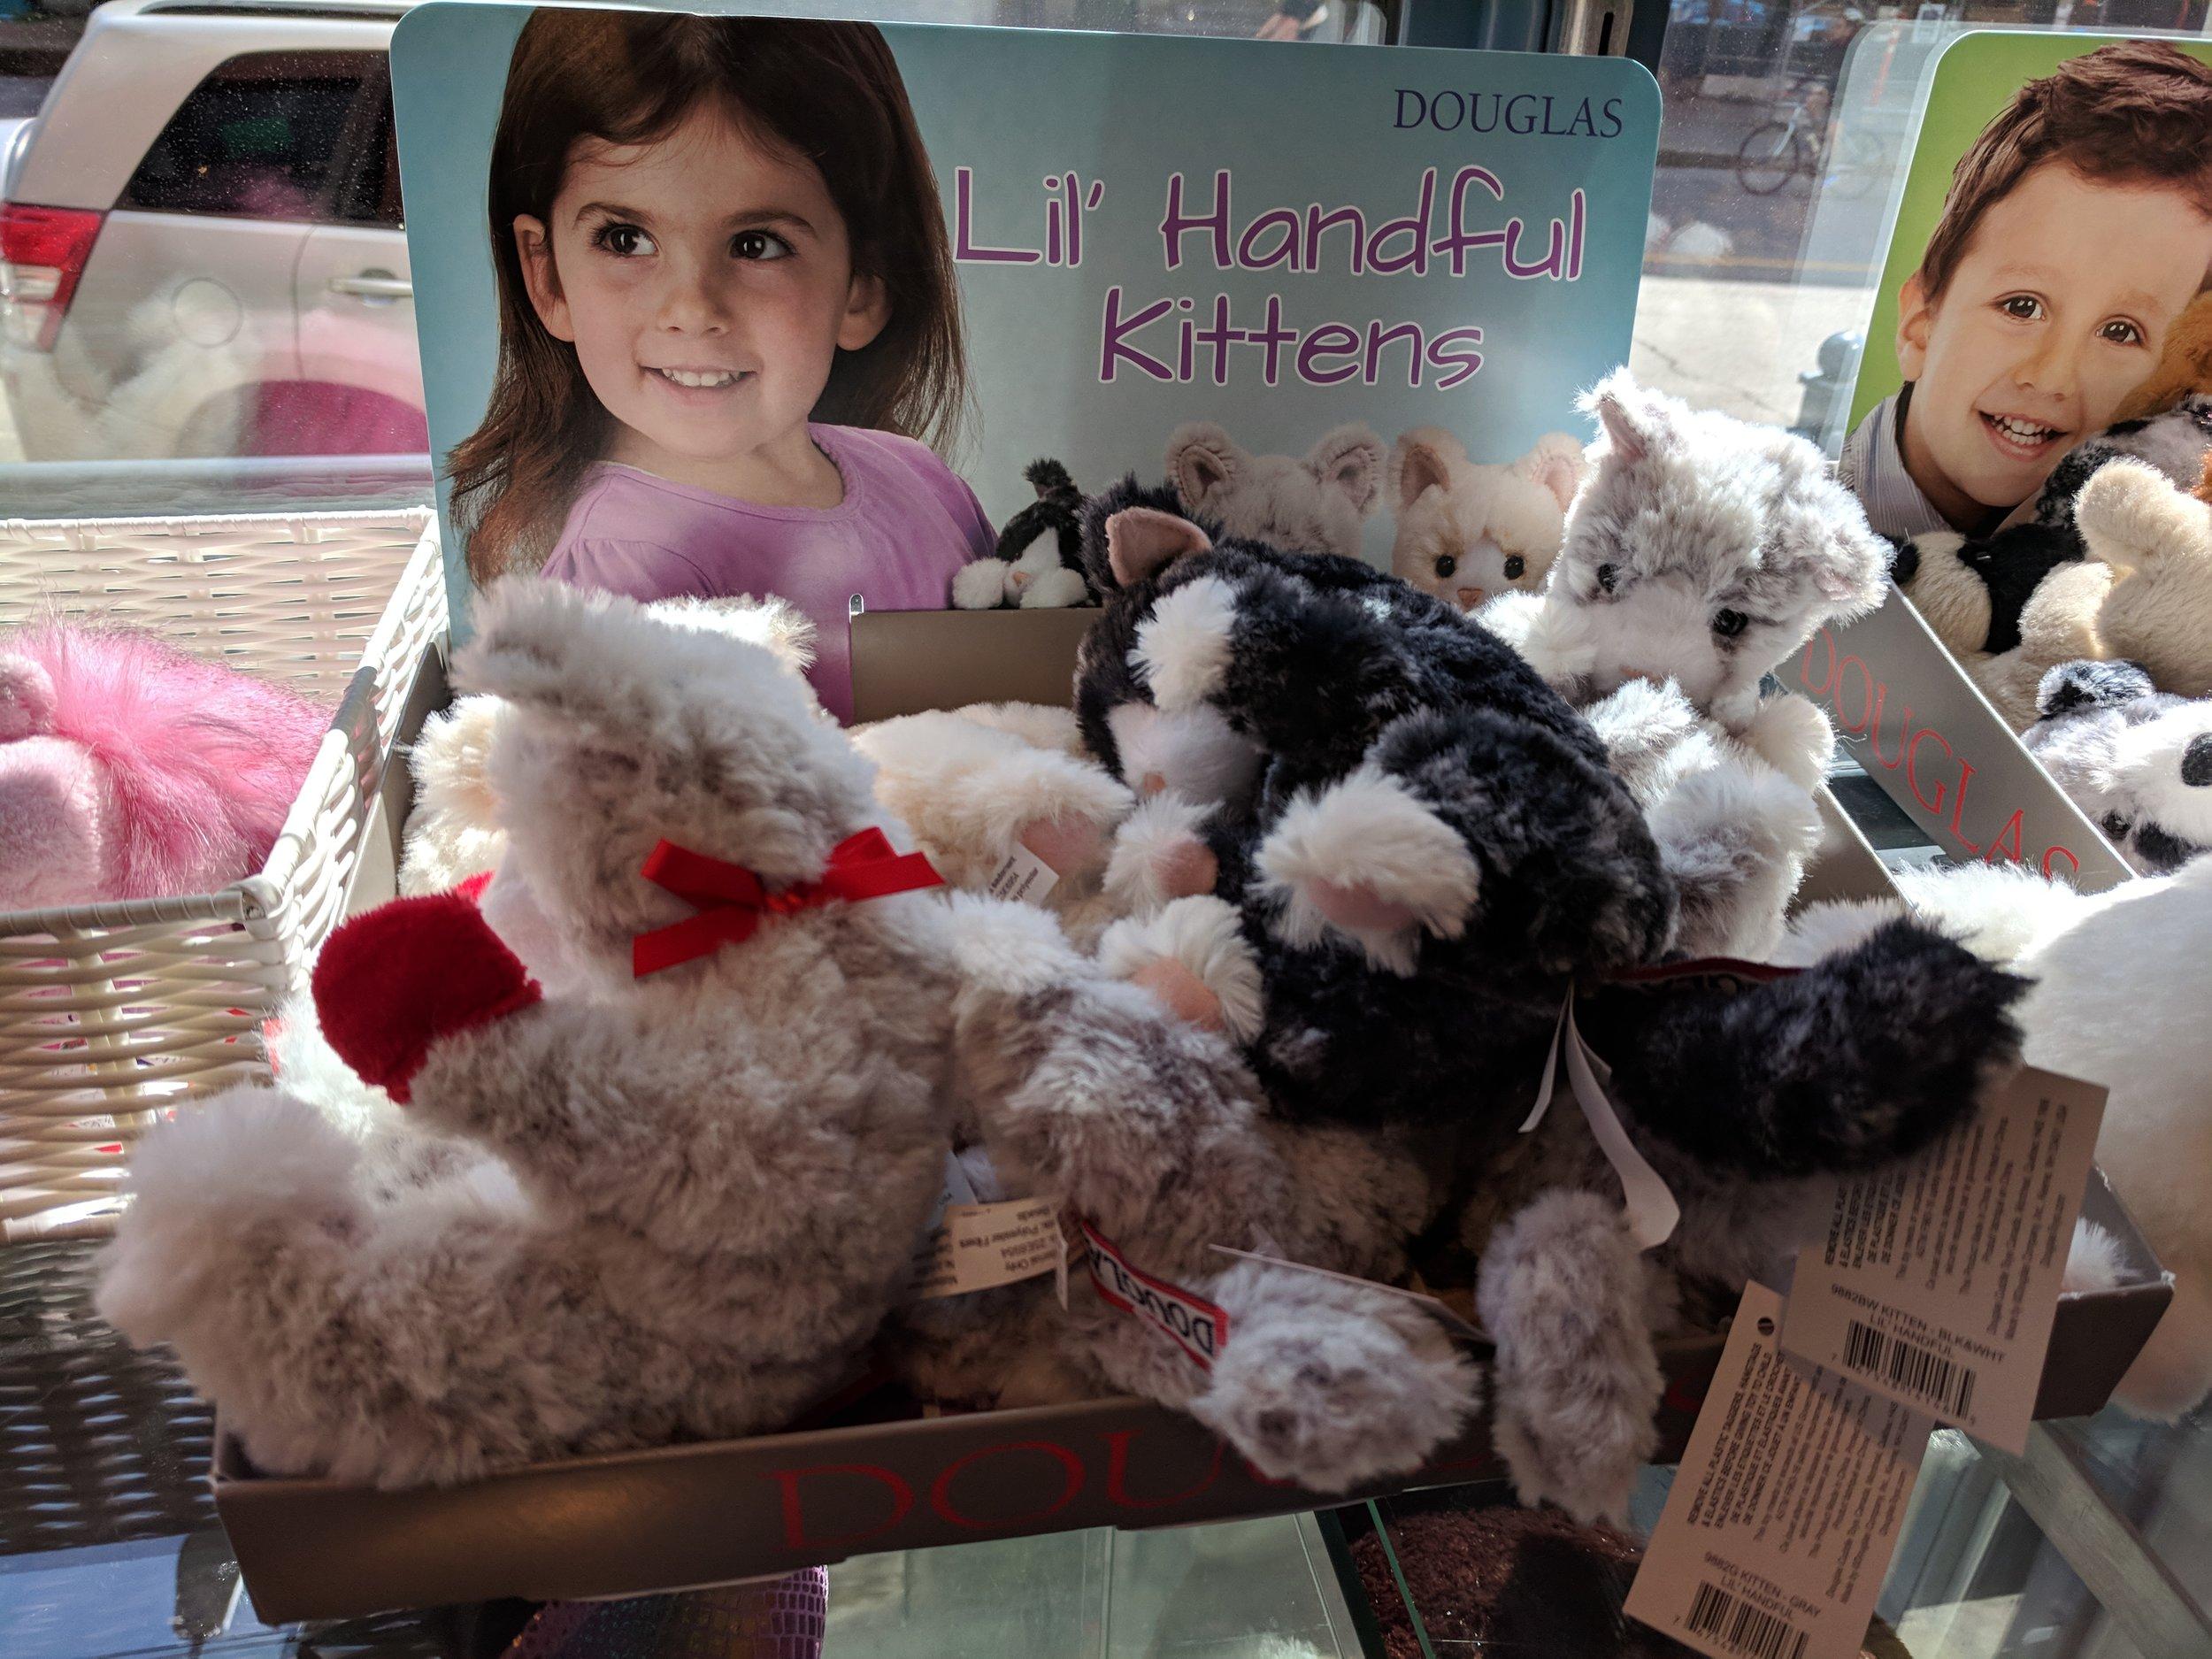 Kittens for girls